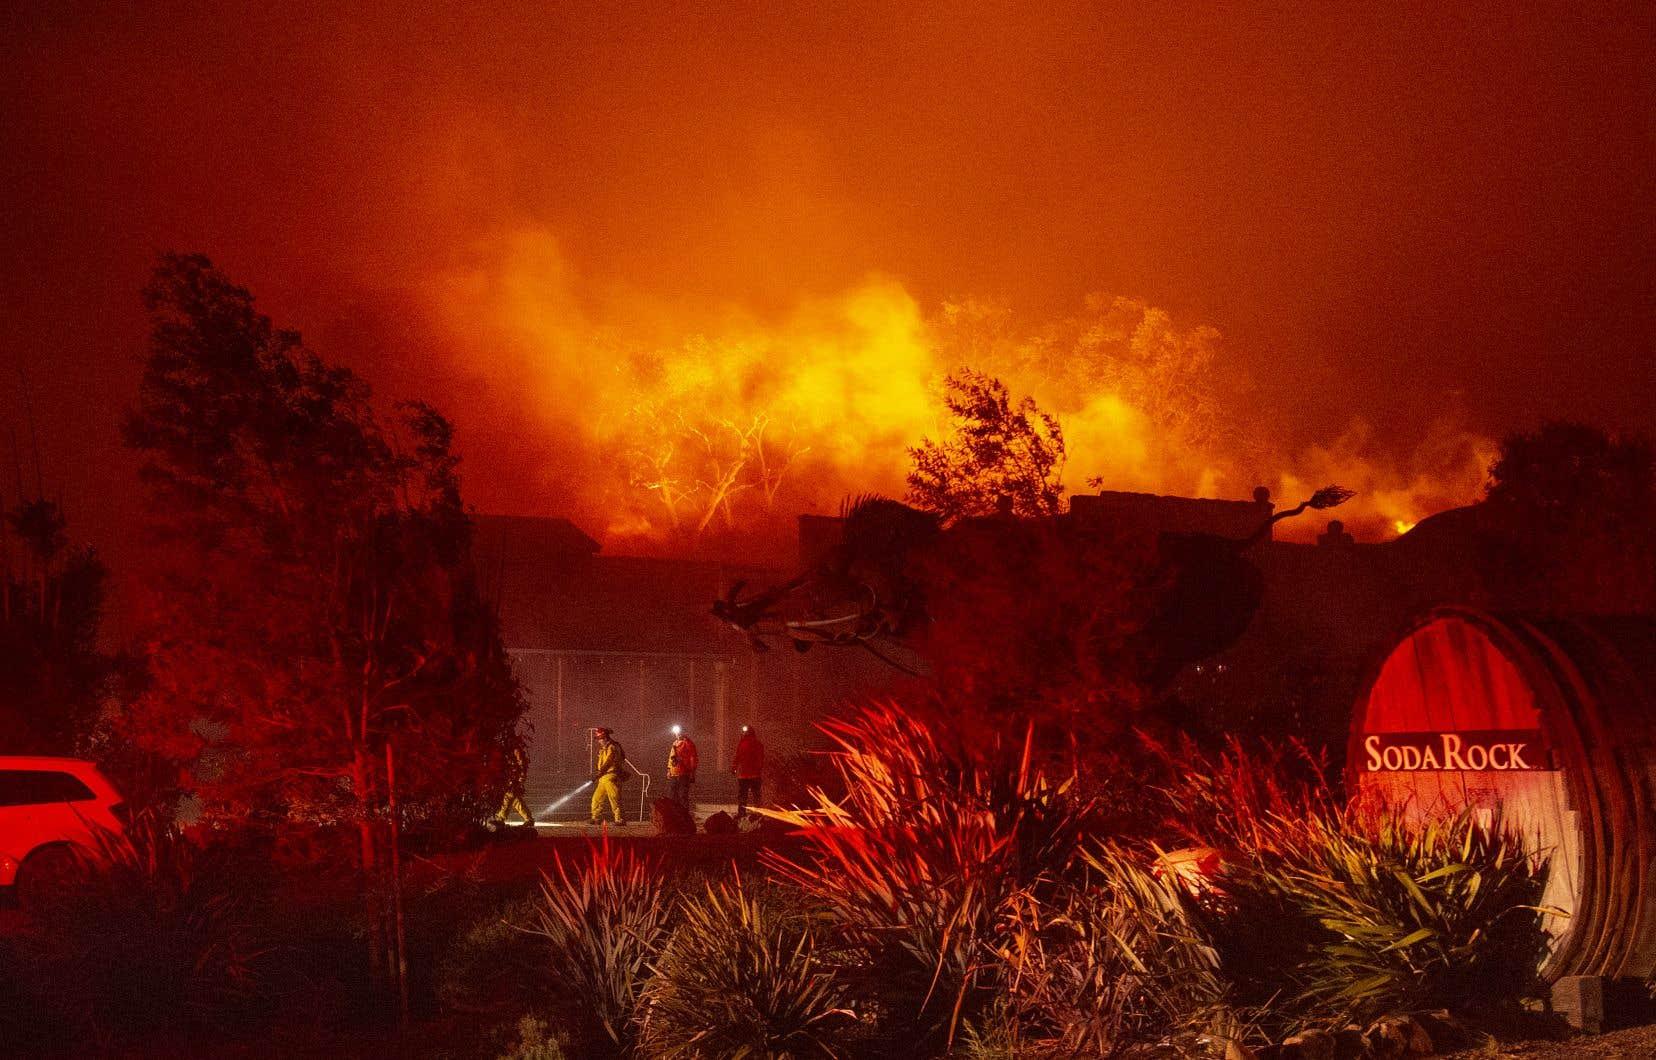 Le gouverneur de Californie a décrété l'état d'urgence en raison «des effets» des vents «sans précédent» dans la région de l'incendie.